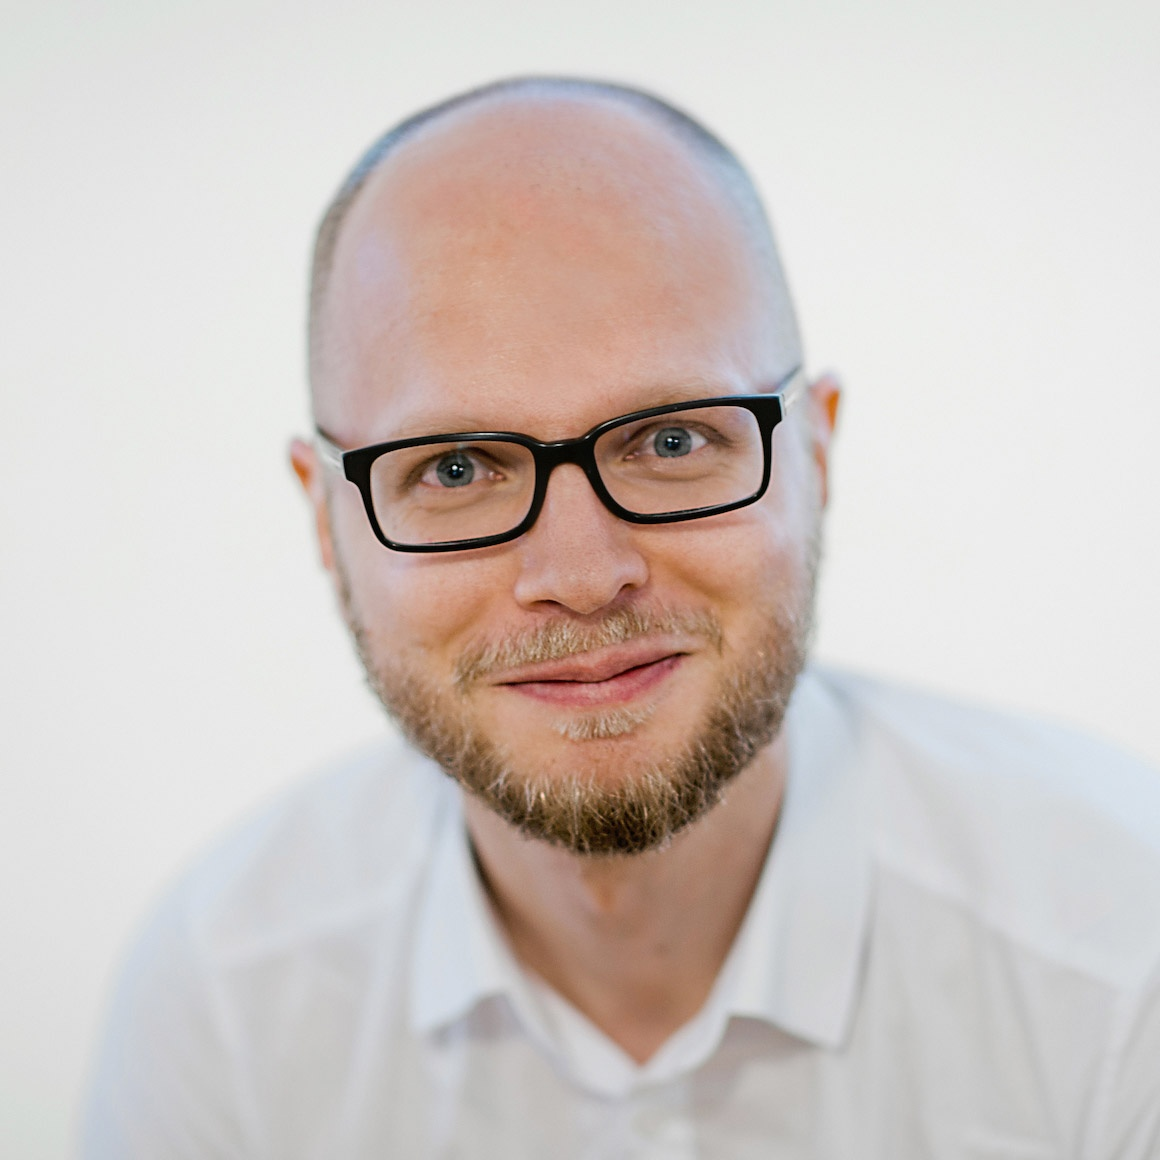 Daniel Barth